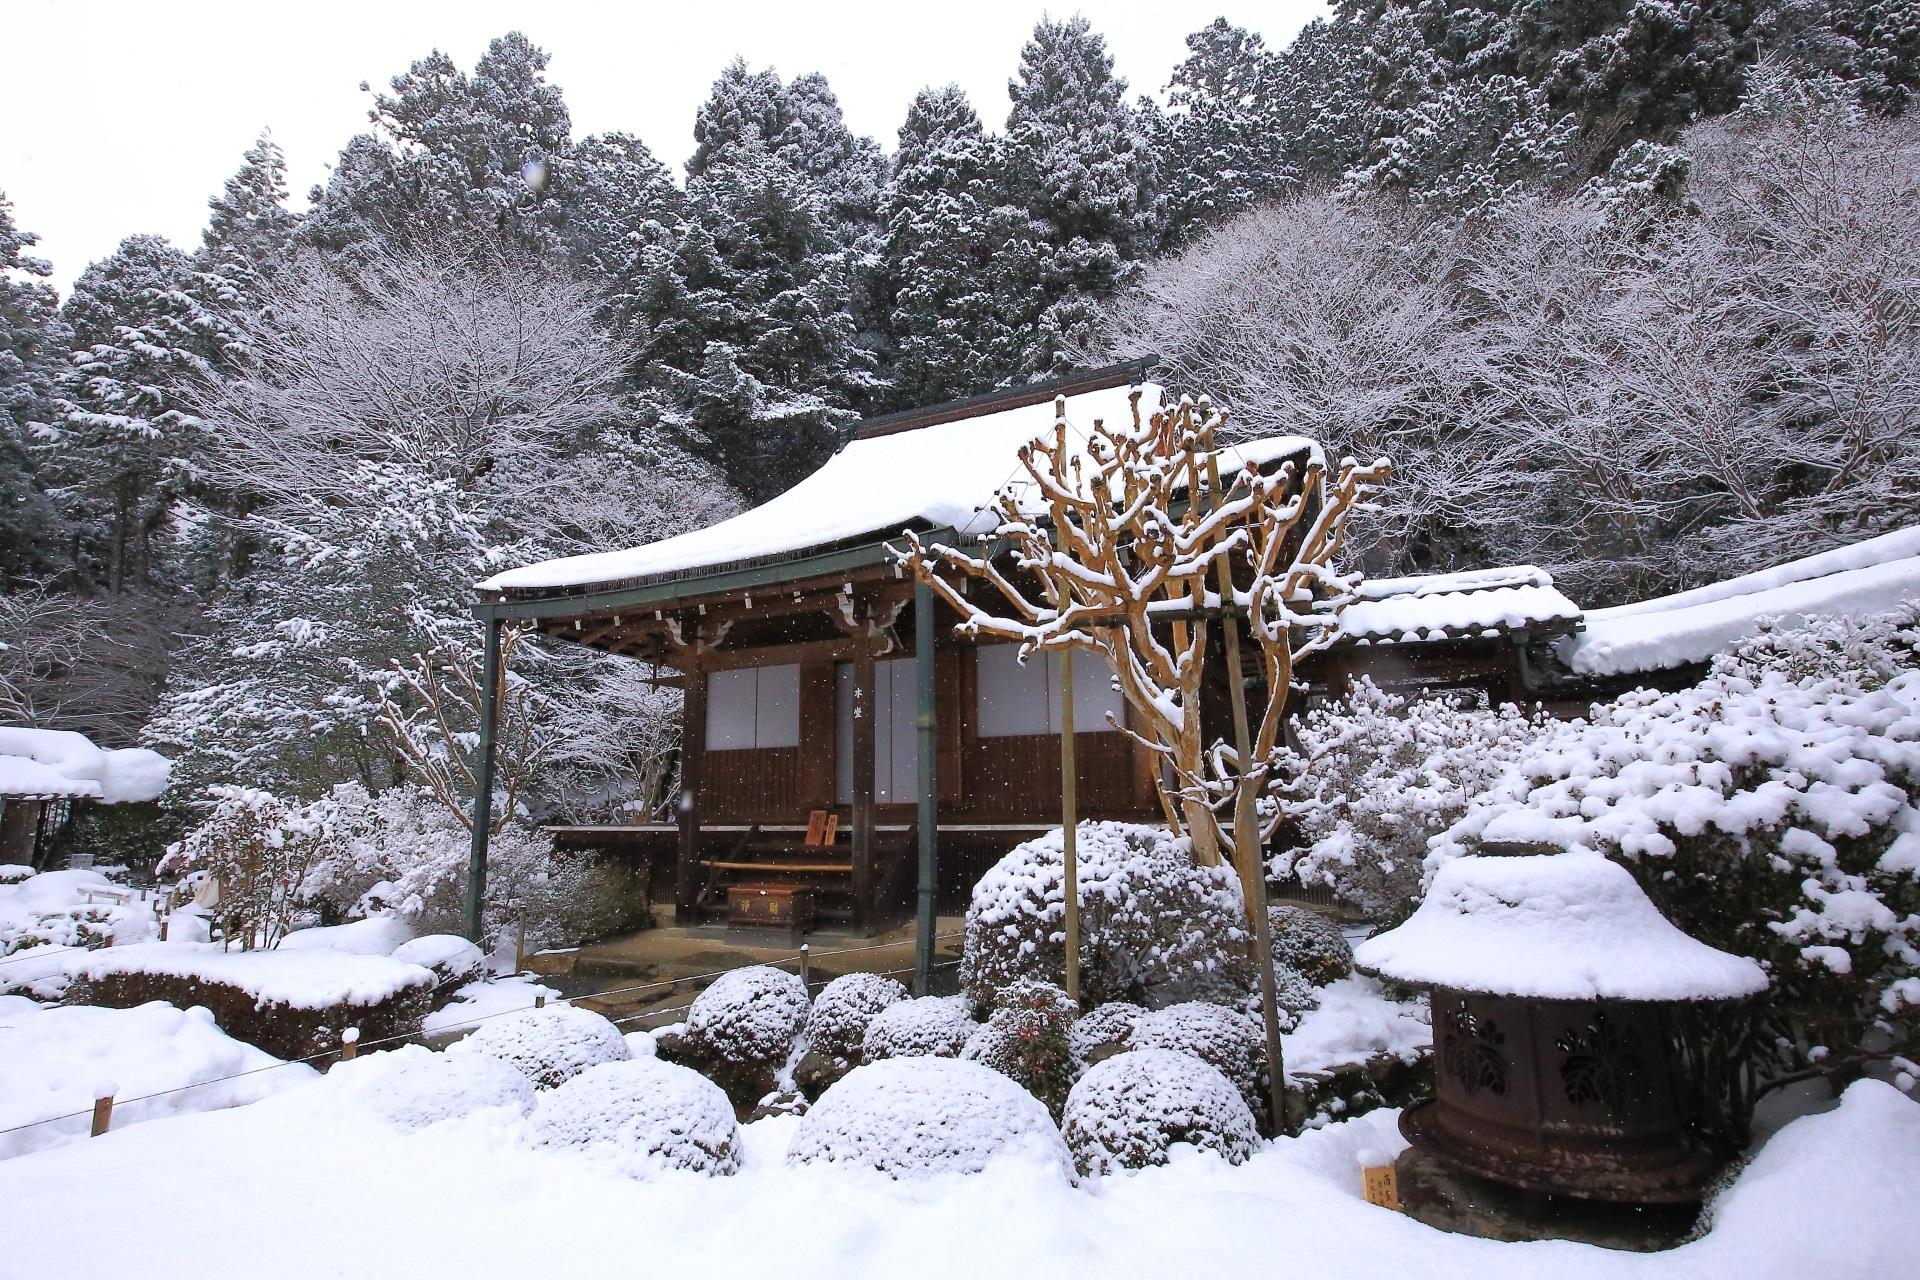 寂光院 雪 京都大原の深く華やかな冬景色